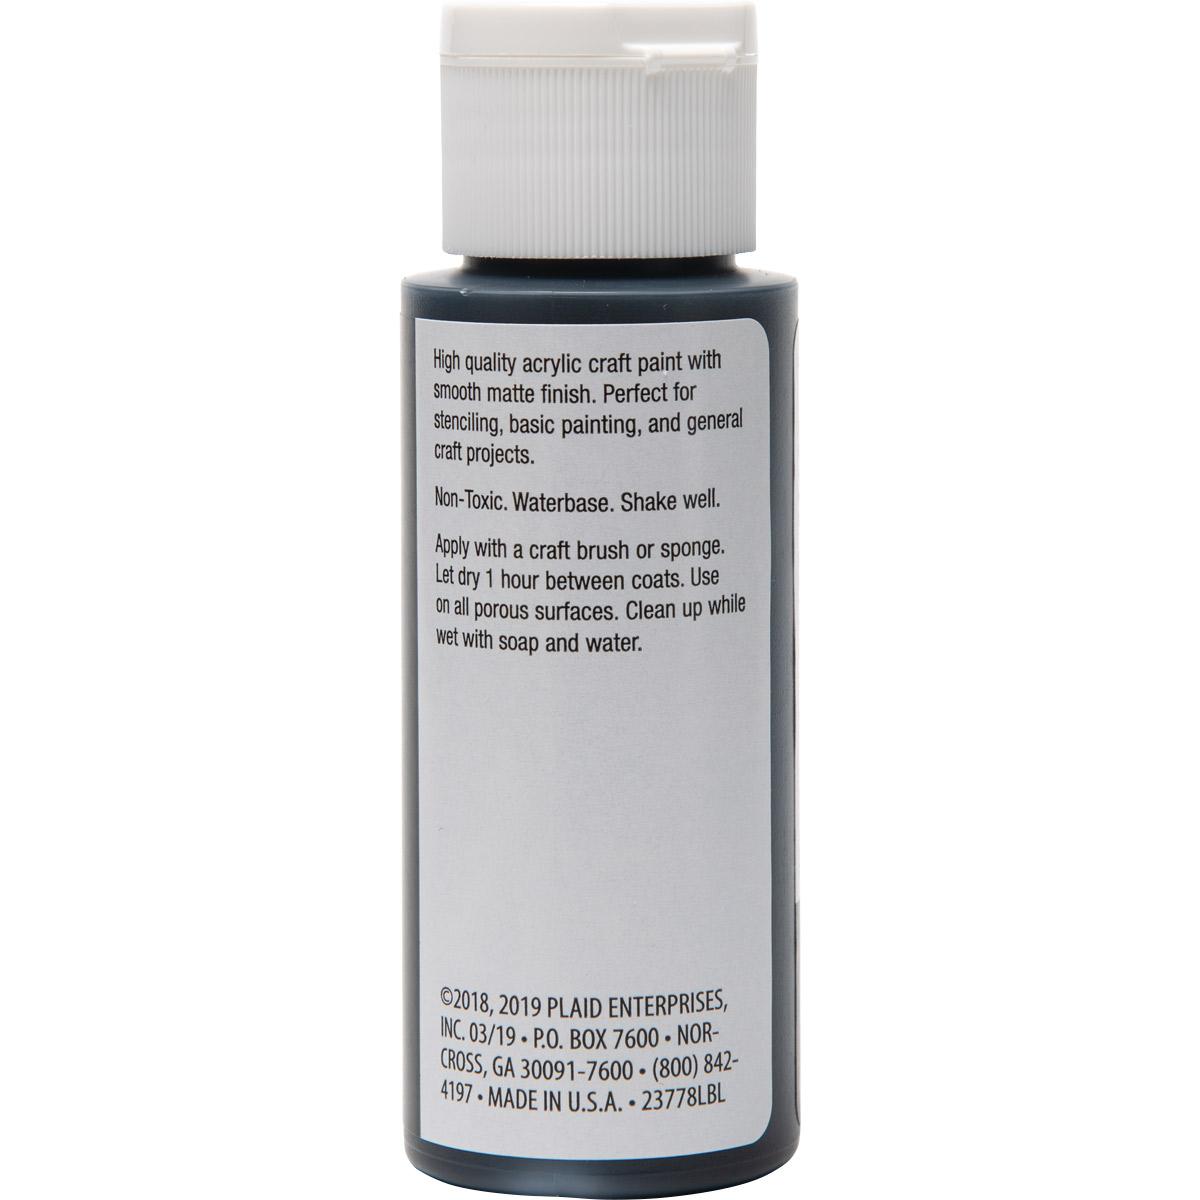 Plaid ® Painter's Palette™ Acrylic Paint - Black, 2 oz.